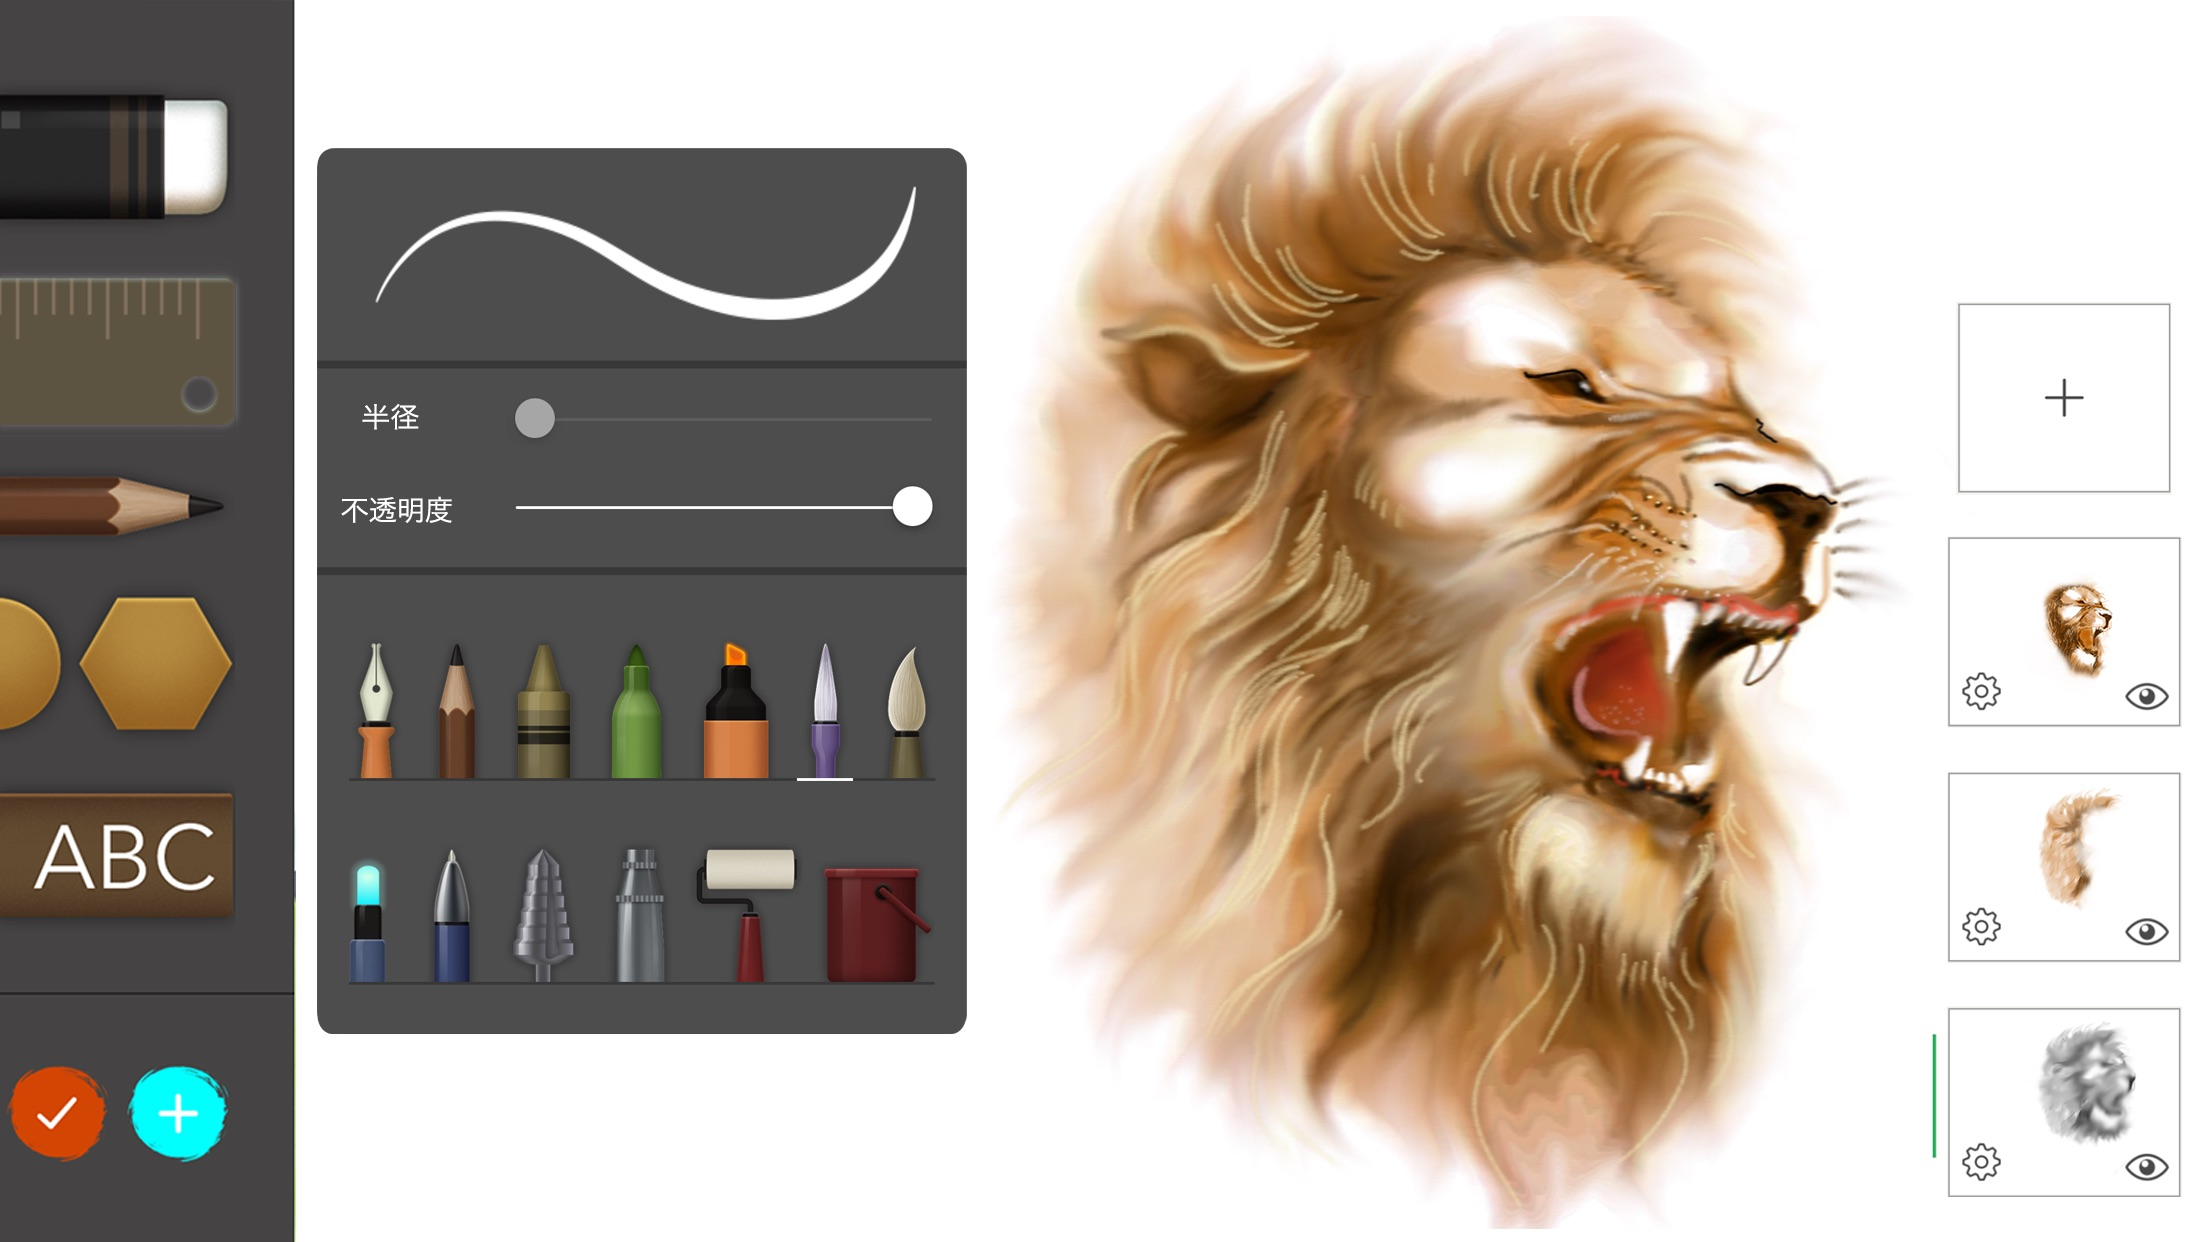 绘图工具 - 艺术绘画和绘画白板游戏对于手机 Screenshot